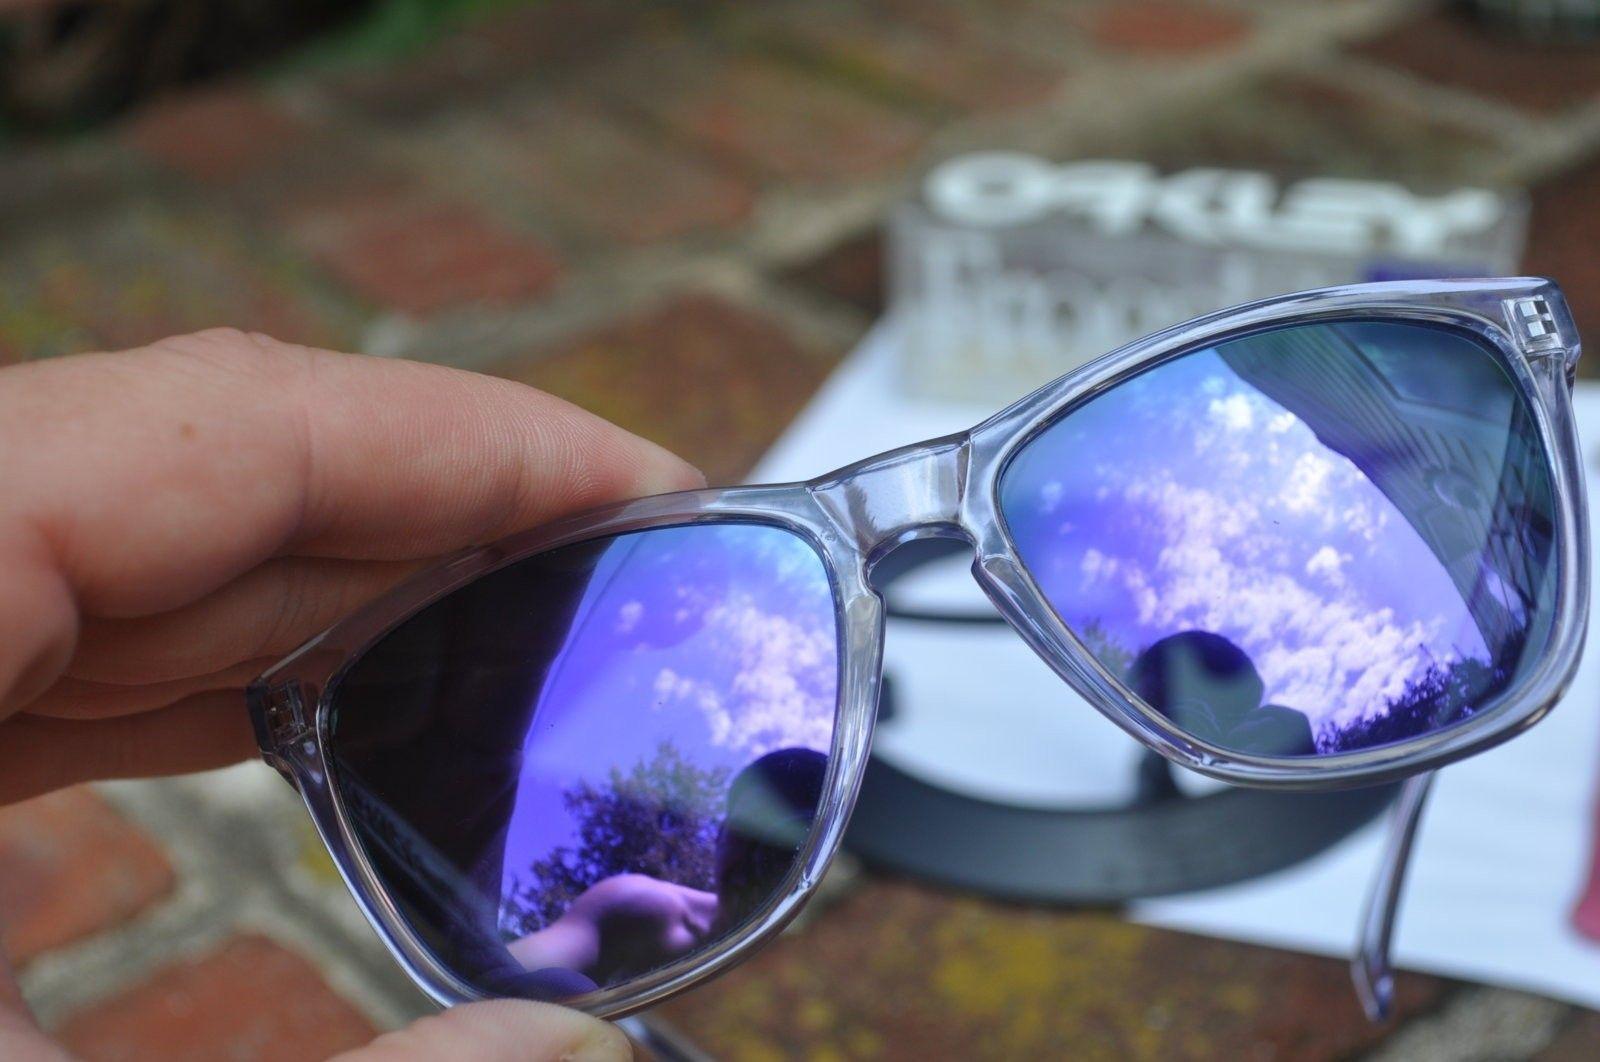 Trevor Andrews w/ G26 Lens, Koston Woodgrain, Vintage Clear/ Violet - DSC_0070.JPG